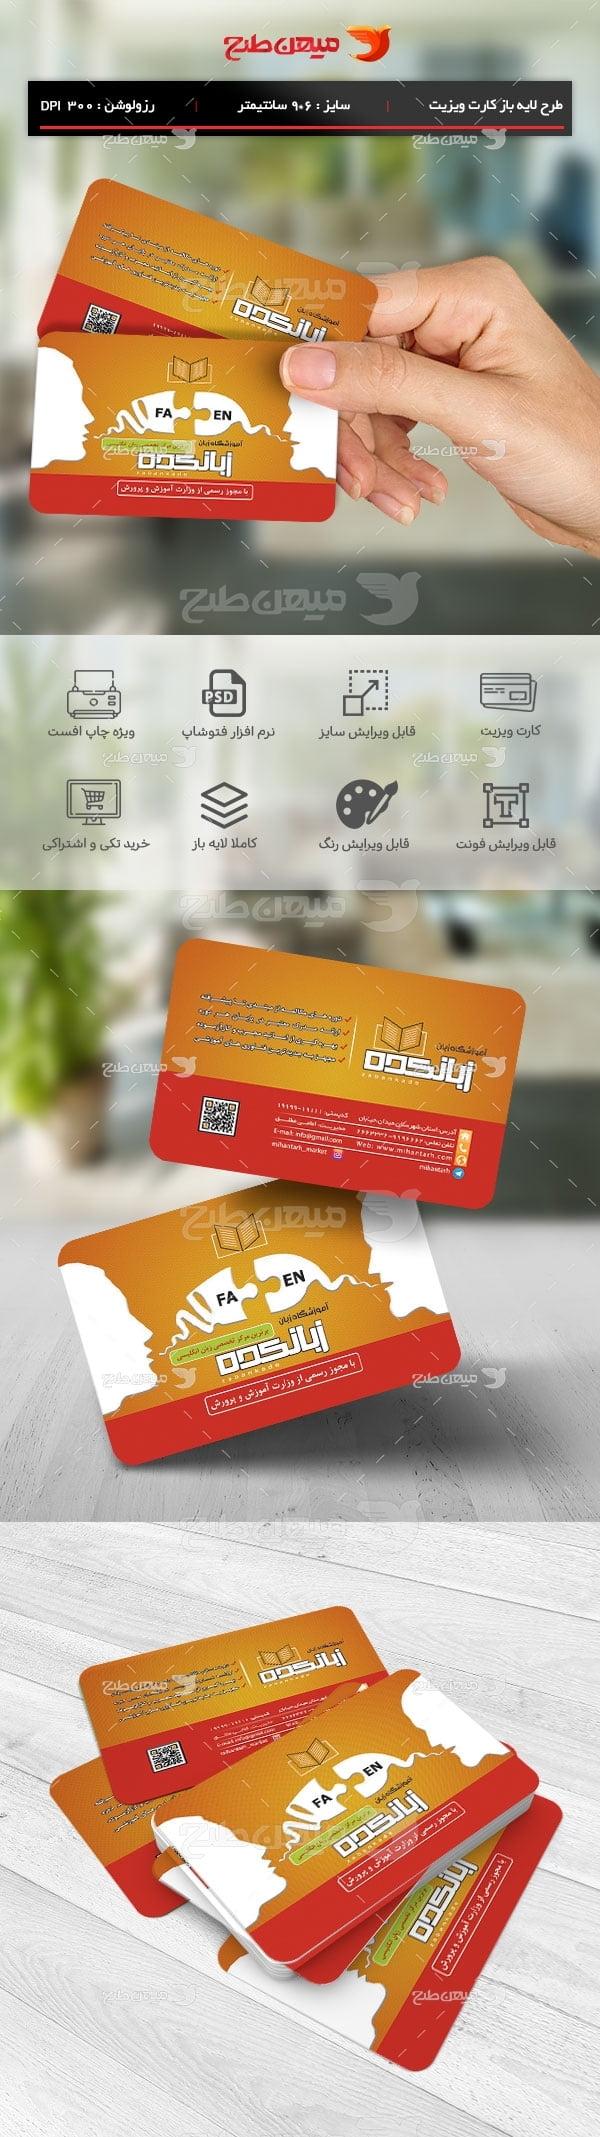 طرح کارت ویزیت آموزشگاه زبان04